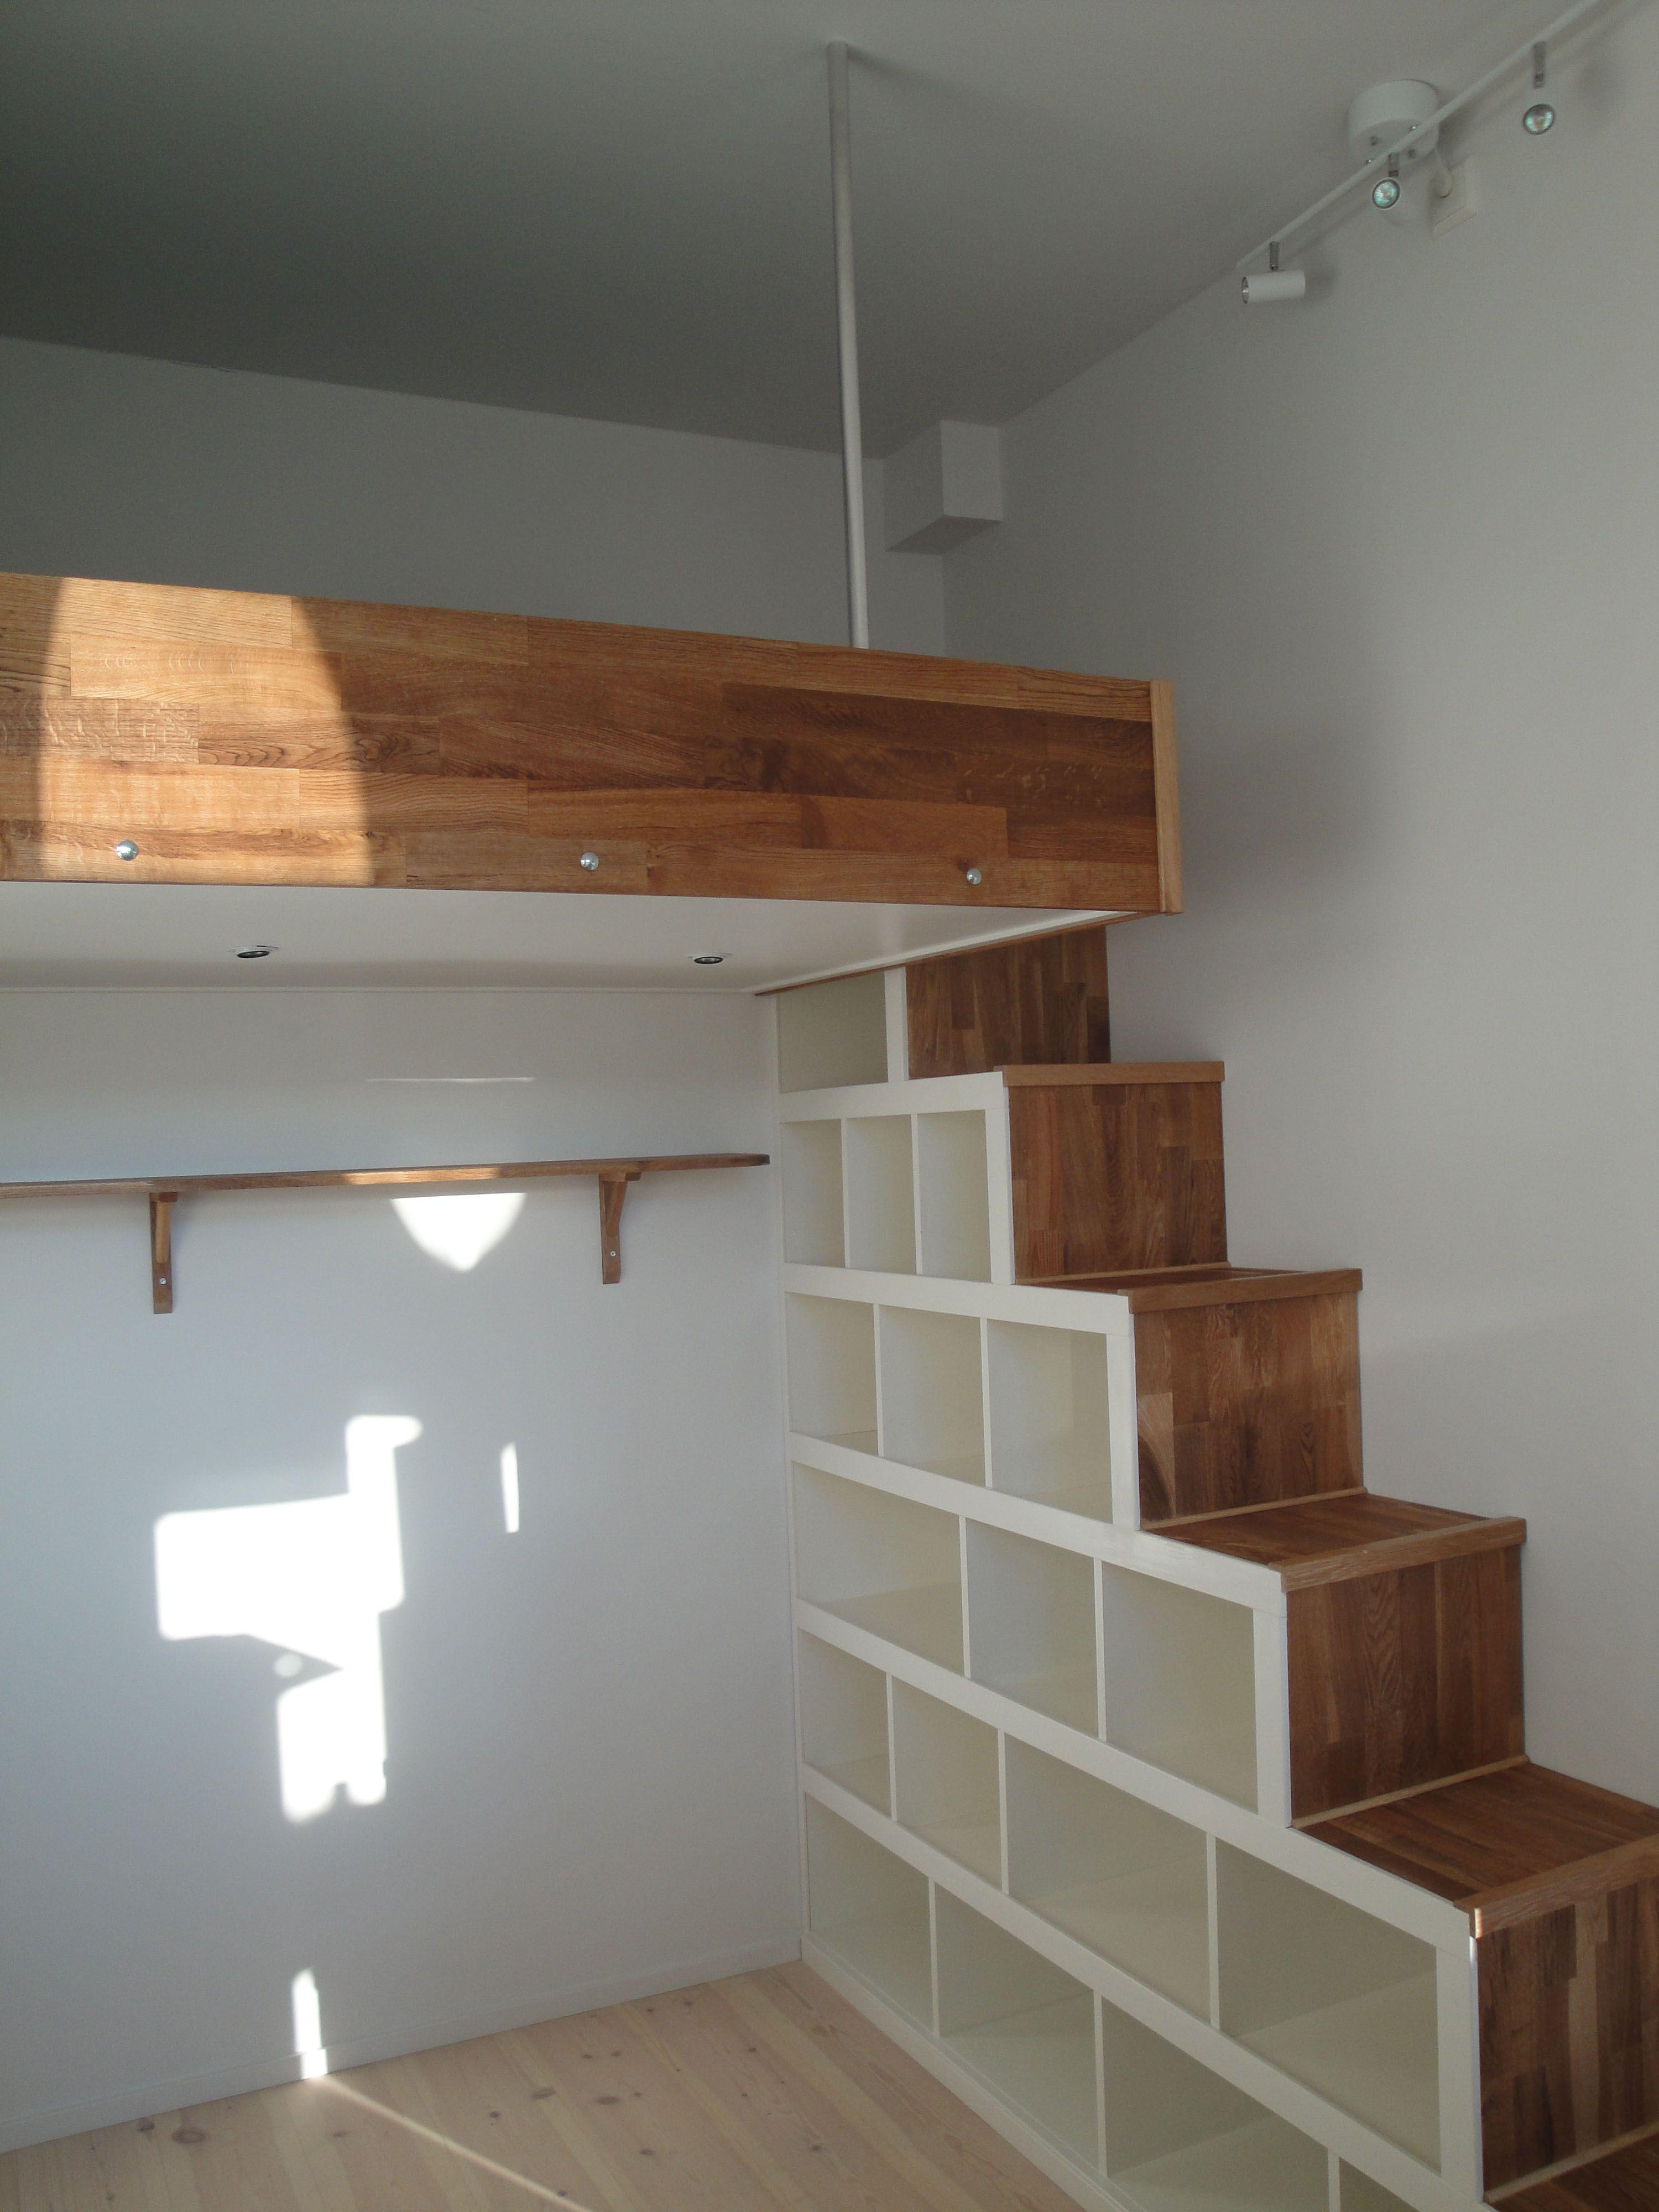 Över 1 000 bilder om trappor på pintereststudios, lagring och ...